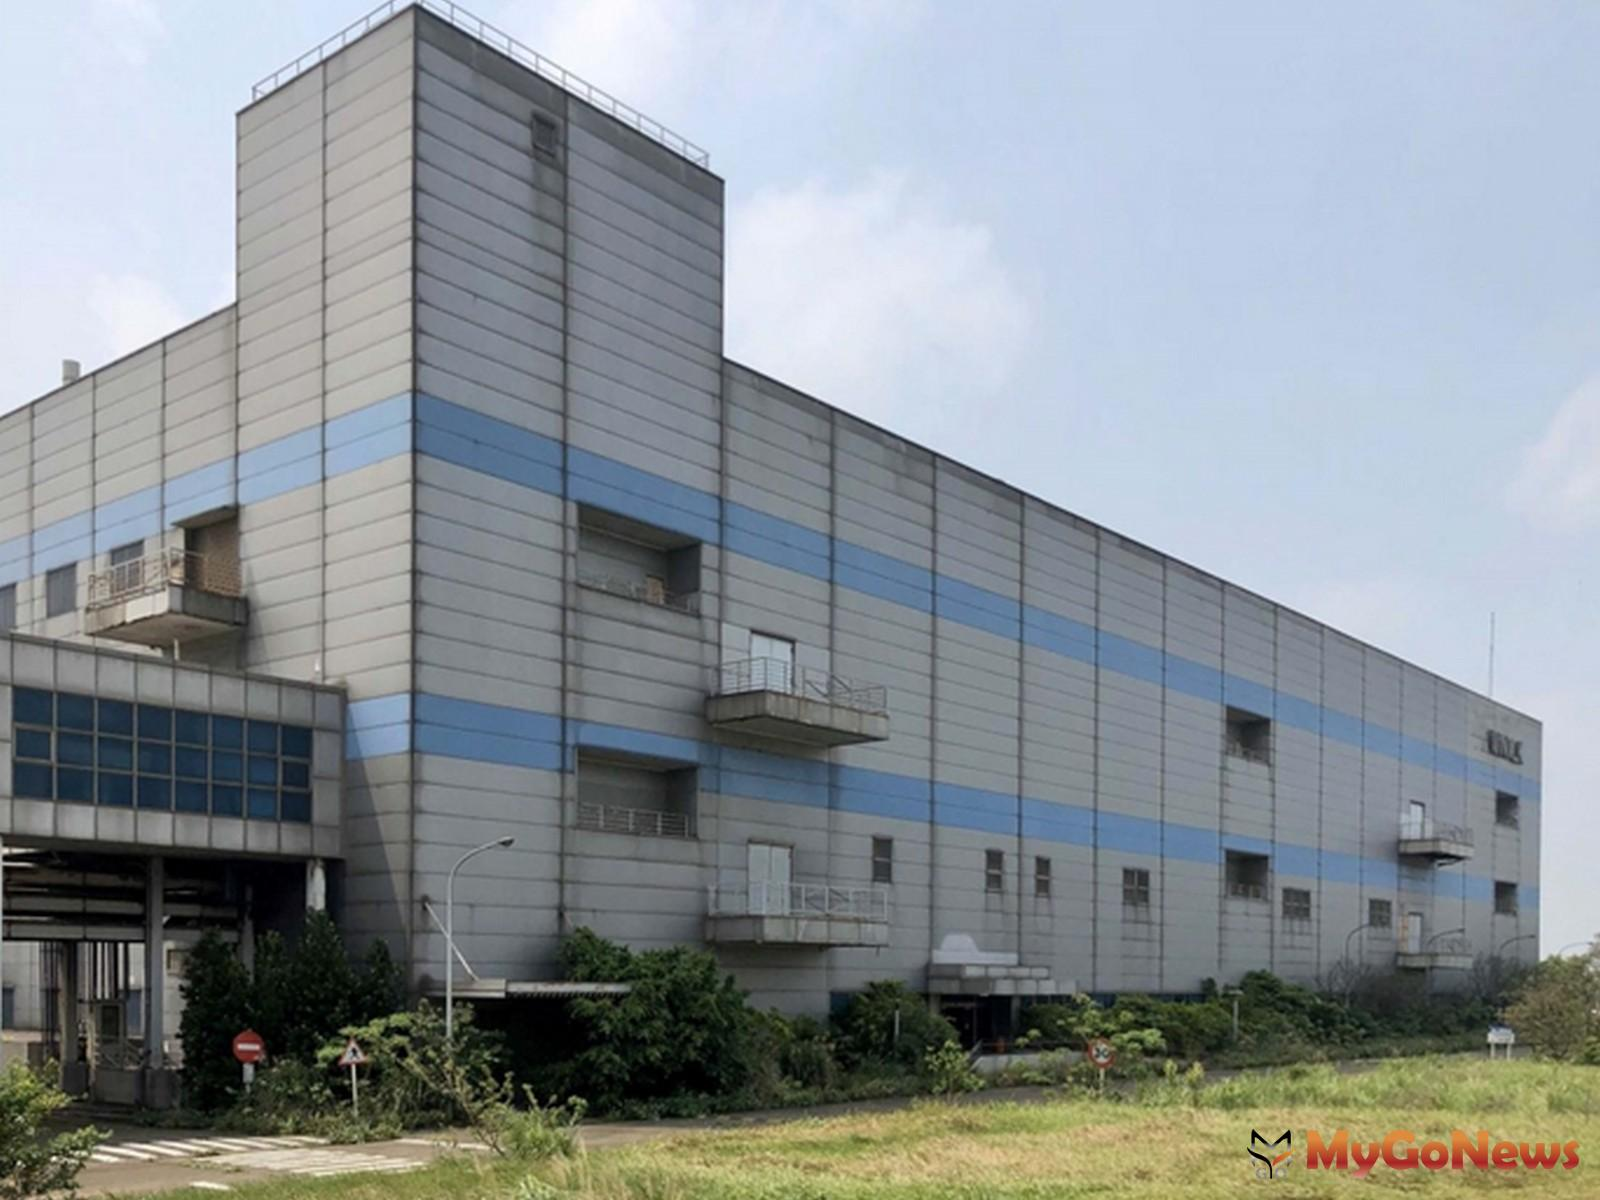 工業地產,勝華重整案,楊梅幼獅面板廠處分金額44.85億(圖/瑞普萊坊) MyGoNews房地產新聞 市場快訊